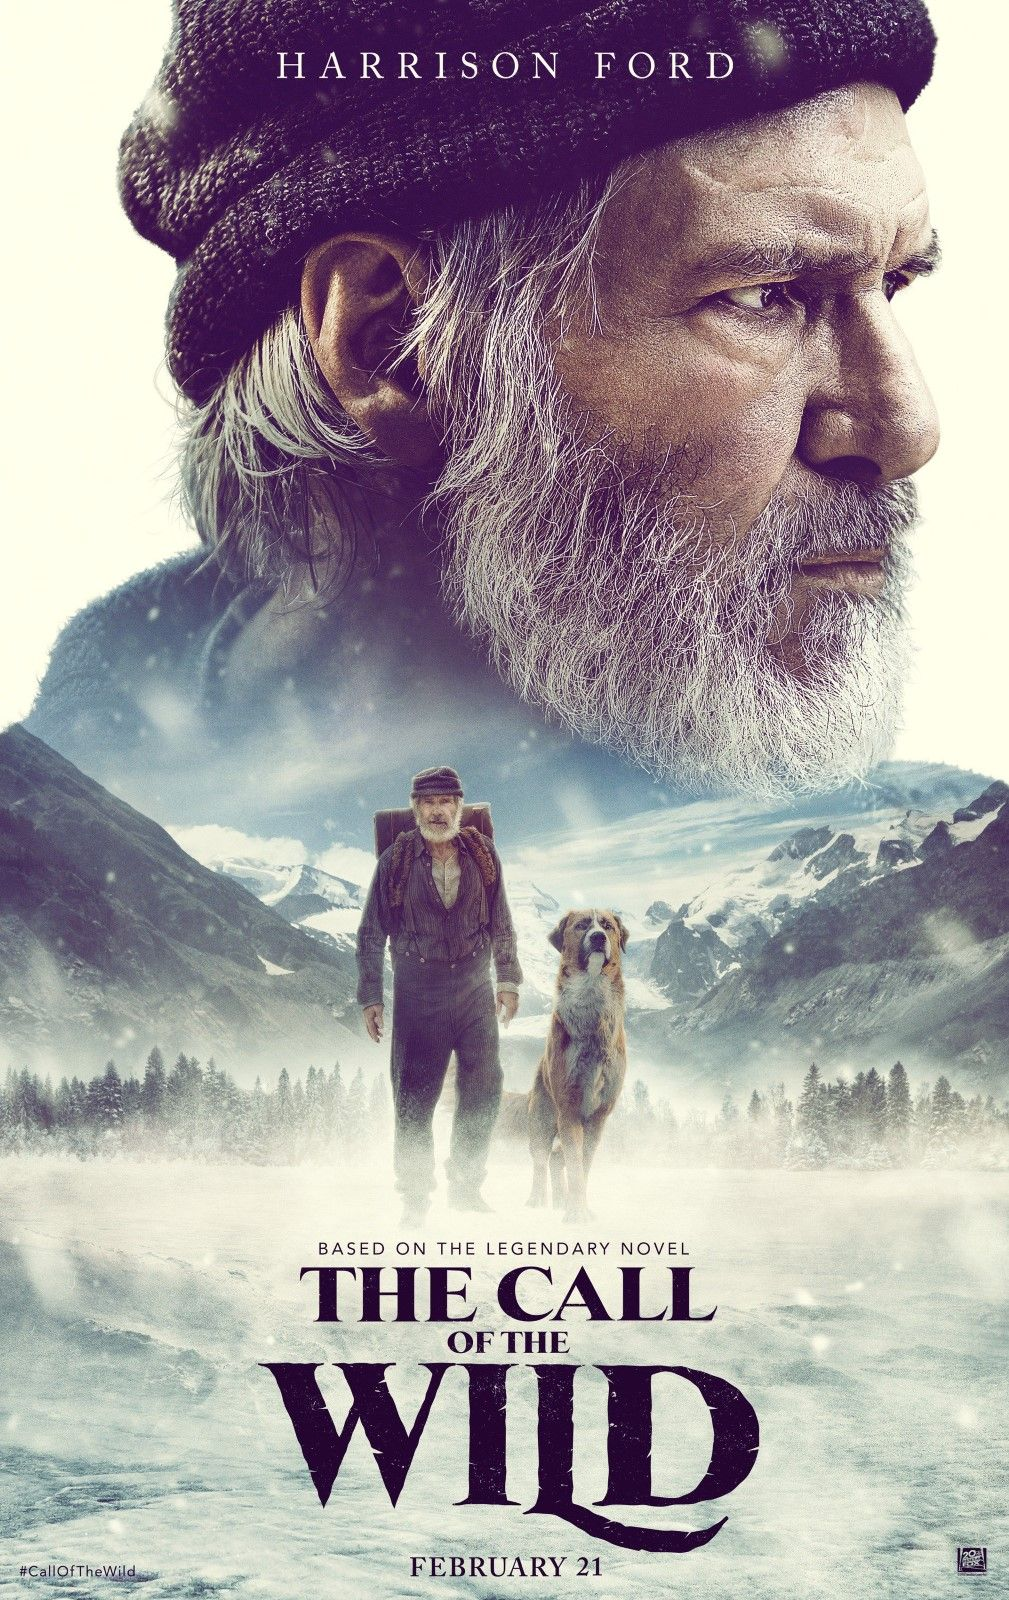 The Call Of The Wild Id1593017008 Filmes Dublados Em Portugues Filmes Completos E Dublados Filmes Online Gratis Dublado